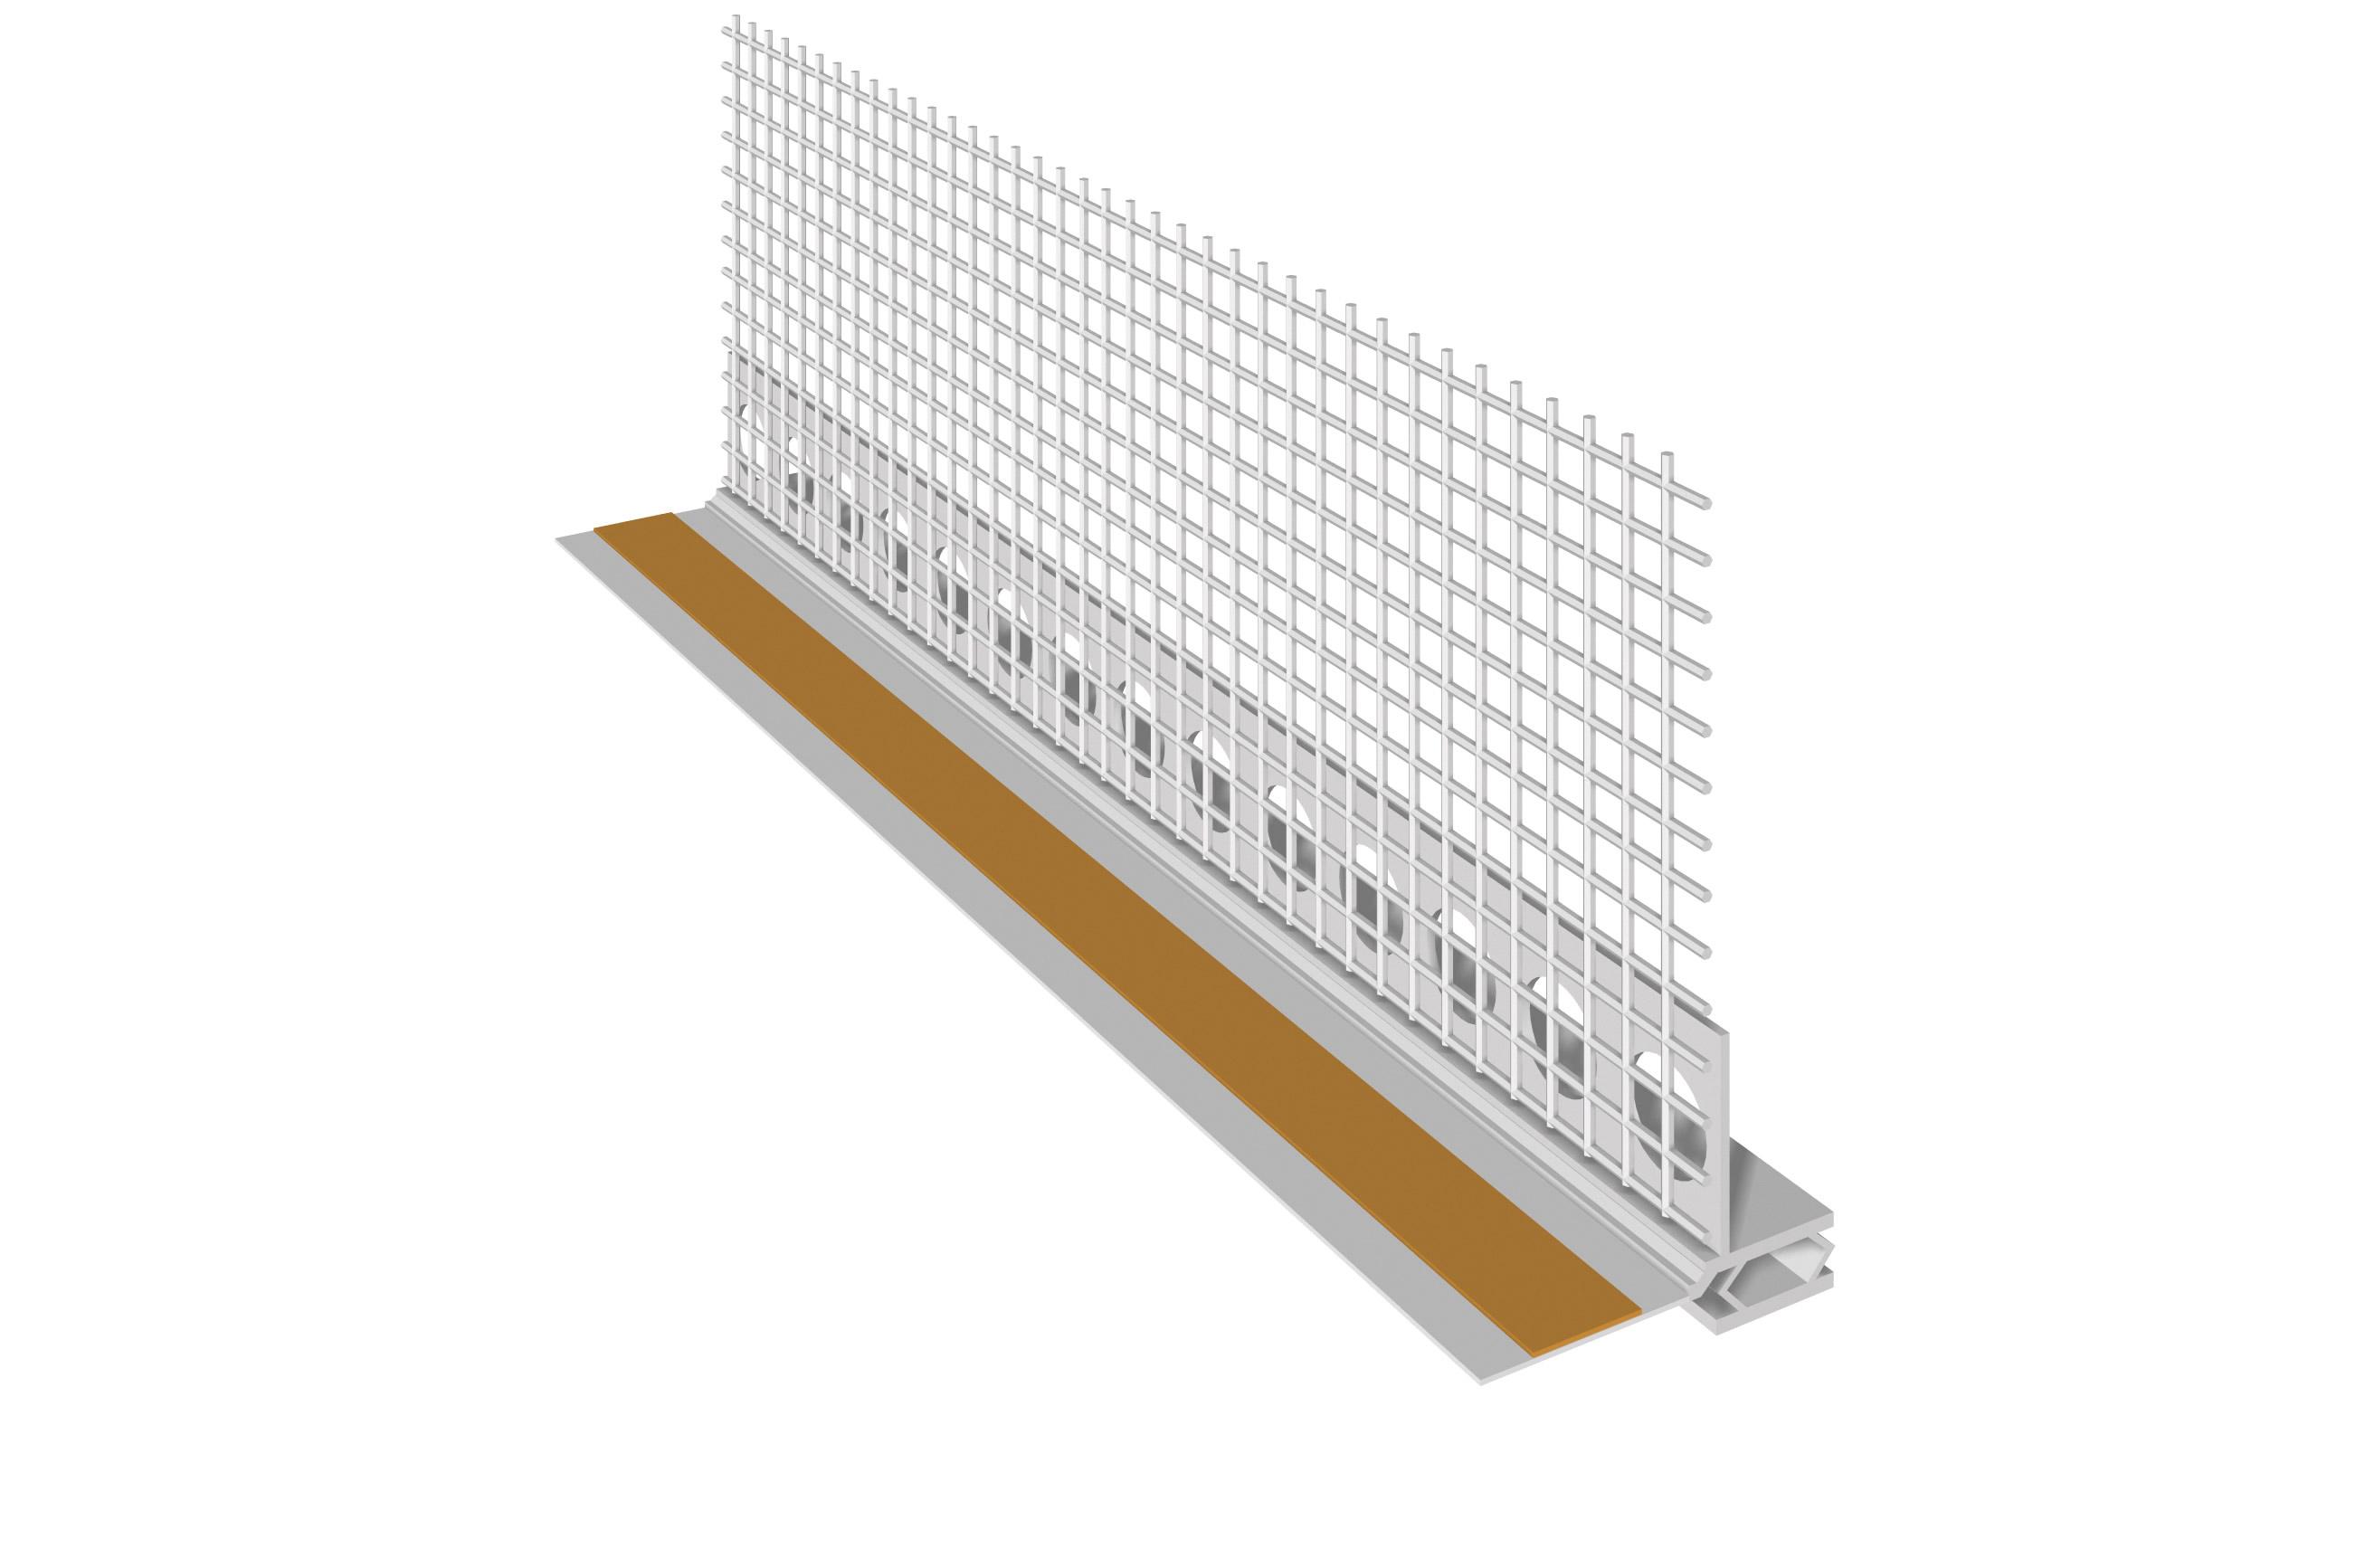 PROFILO IN PVC PER INFISSI CON NASTRO DI GUARNIZIONE: Profili in PVC con rete per infissi con nastro di guarnizione